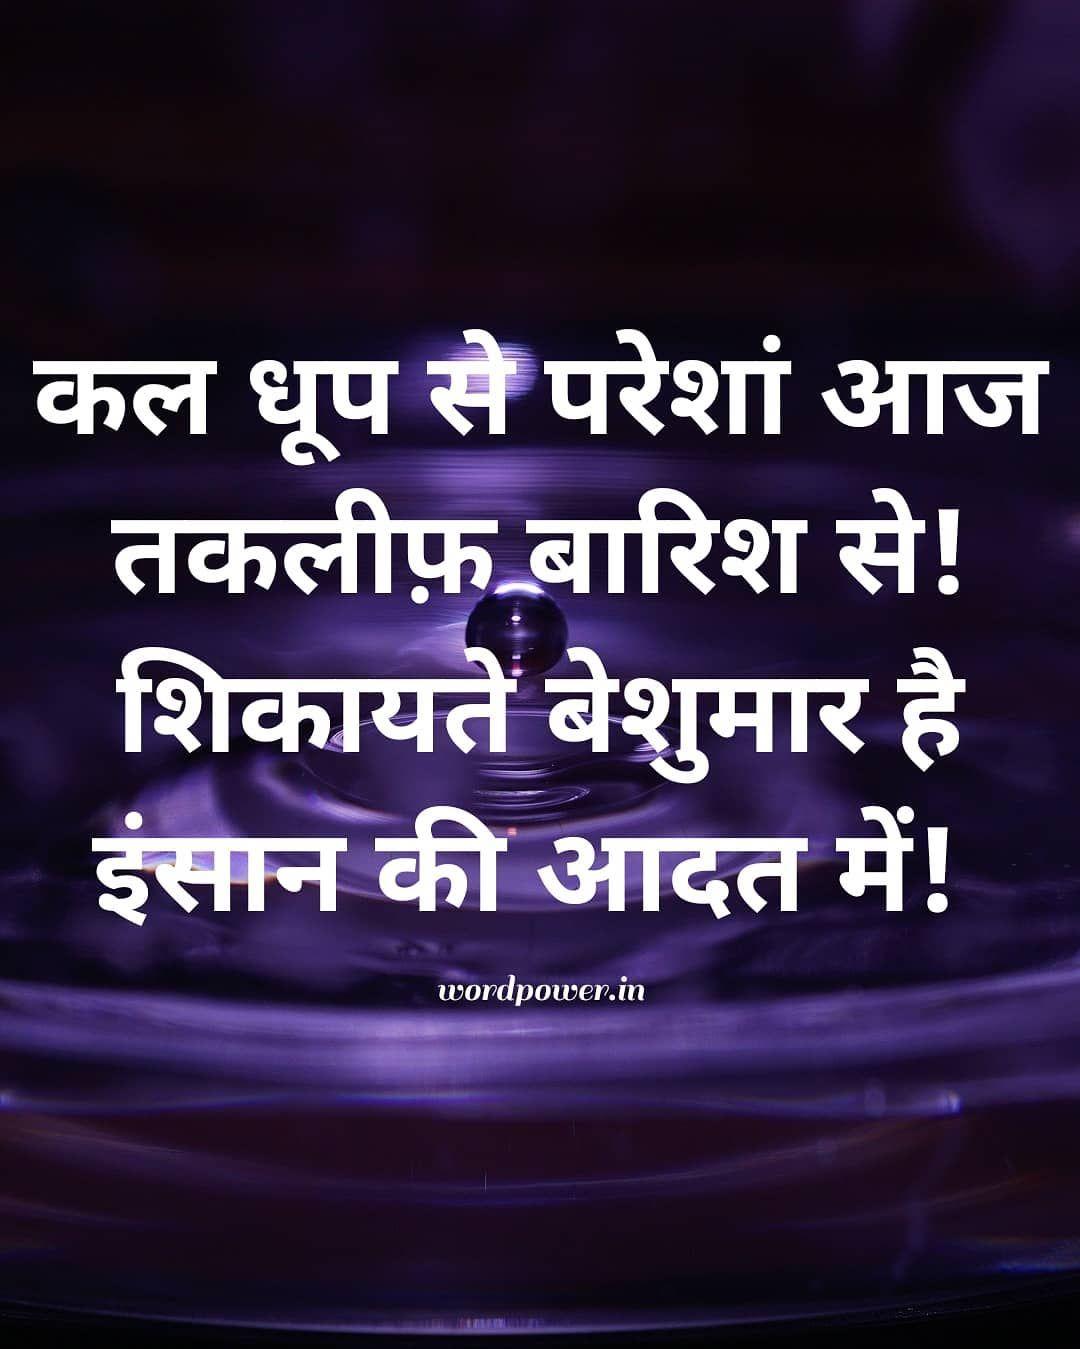 Human Behaviour À¤‡ À¤¸ À¤¨ À¤• À¤†à¤¦à¤¤ Ewordpower Successquotes Hardwork Hindimotivation Mindset Hindiquotes Motivational Quotes Life Quotes Hindi Quotes